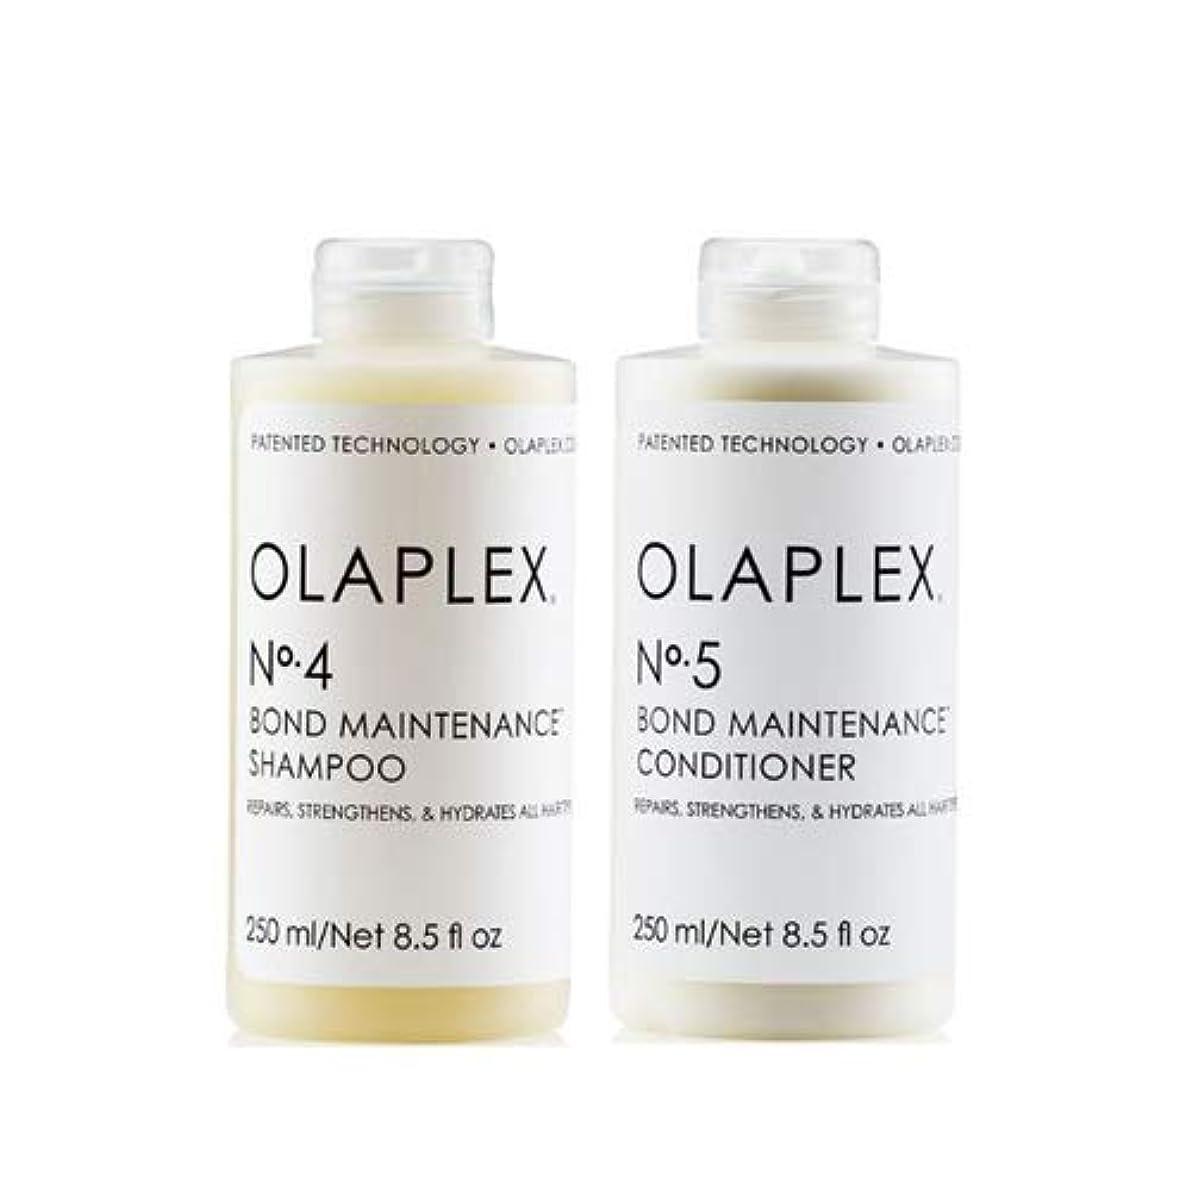 のホスト破滅的な山岳Olaplex オラプレックス No. 4 5 ボンド メンテナンス シャンプー&コンディショナー Olaplex Bond Maintenance Shampoo & Conditioner 【並行輸入品】